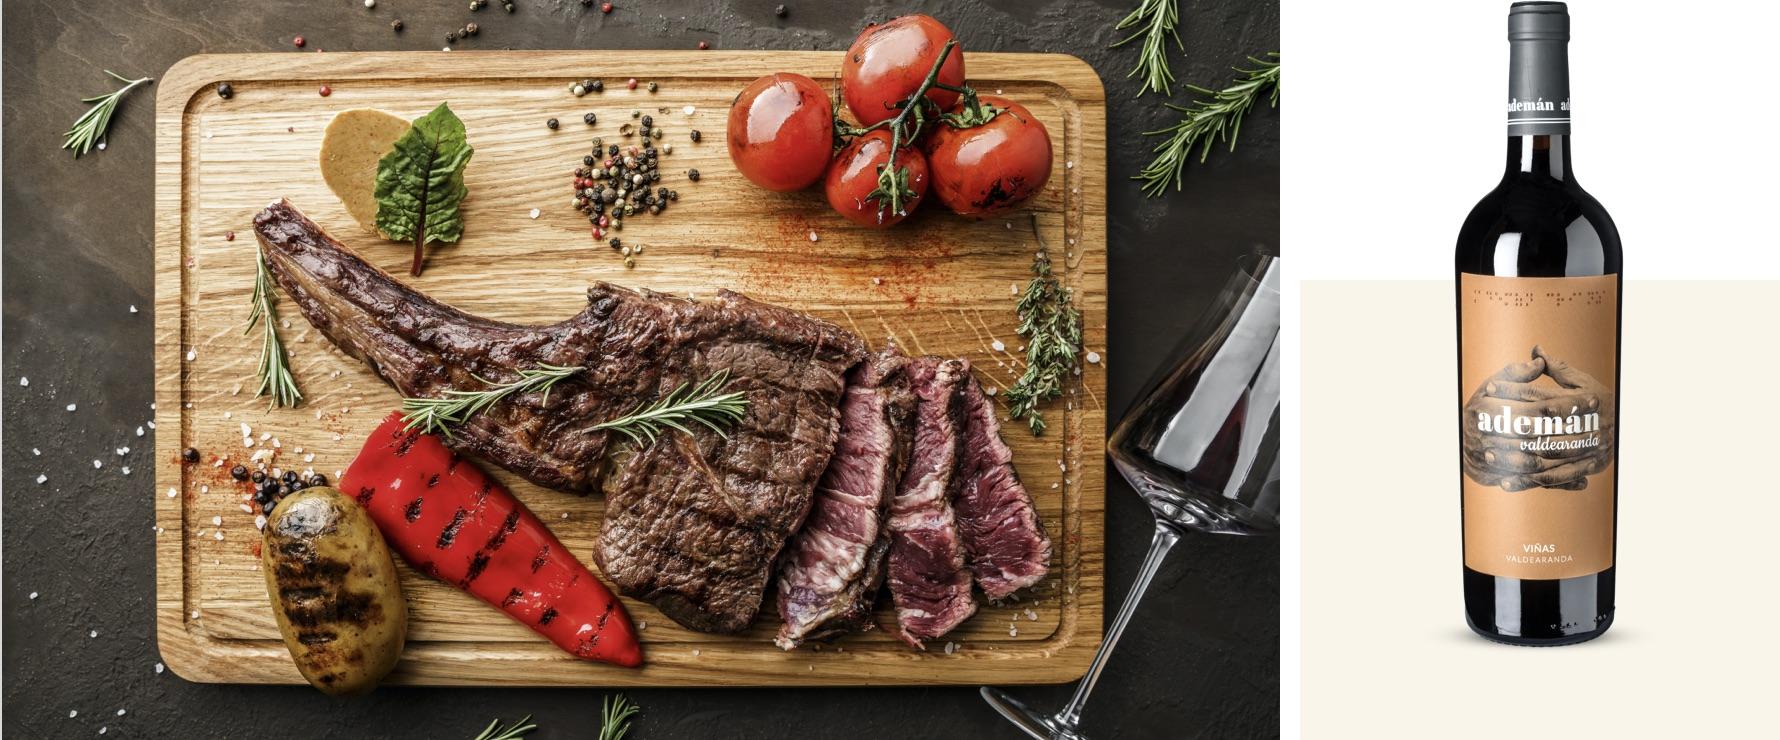 Ademán Valdearanda 2017 en vlees